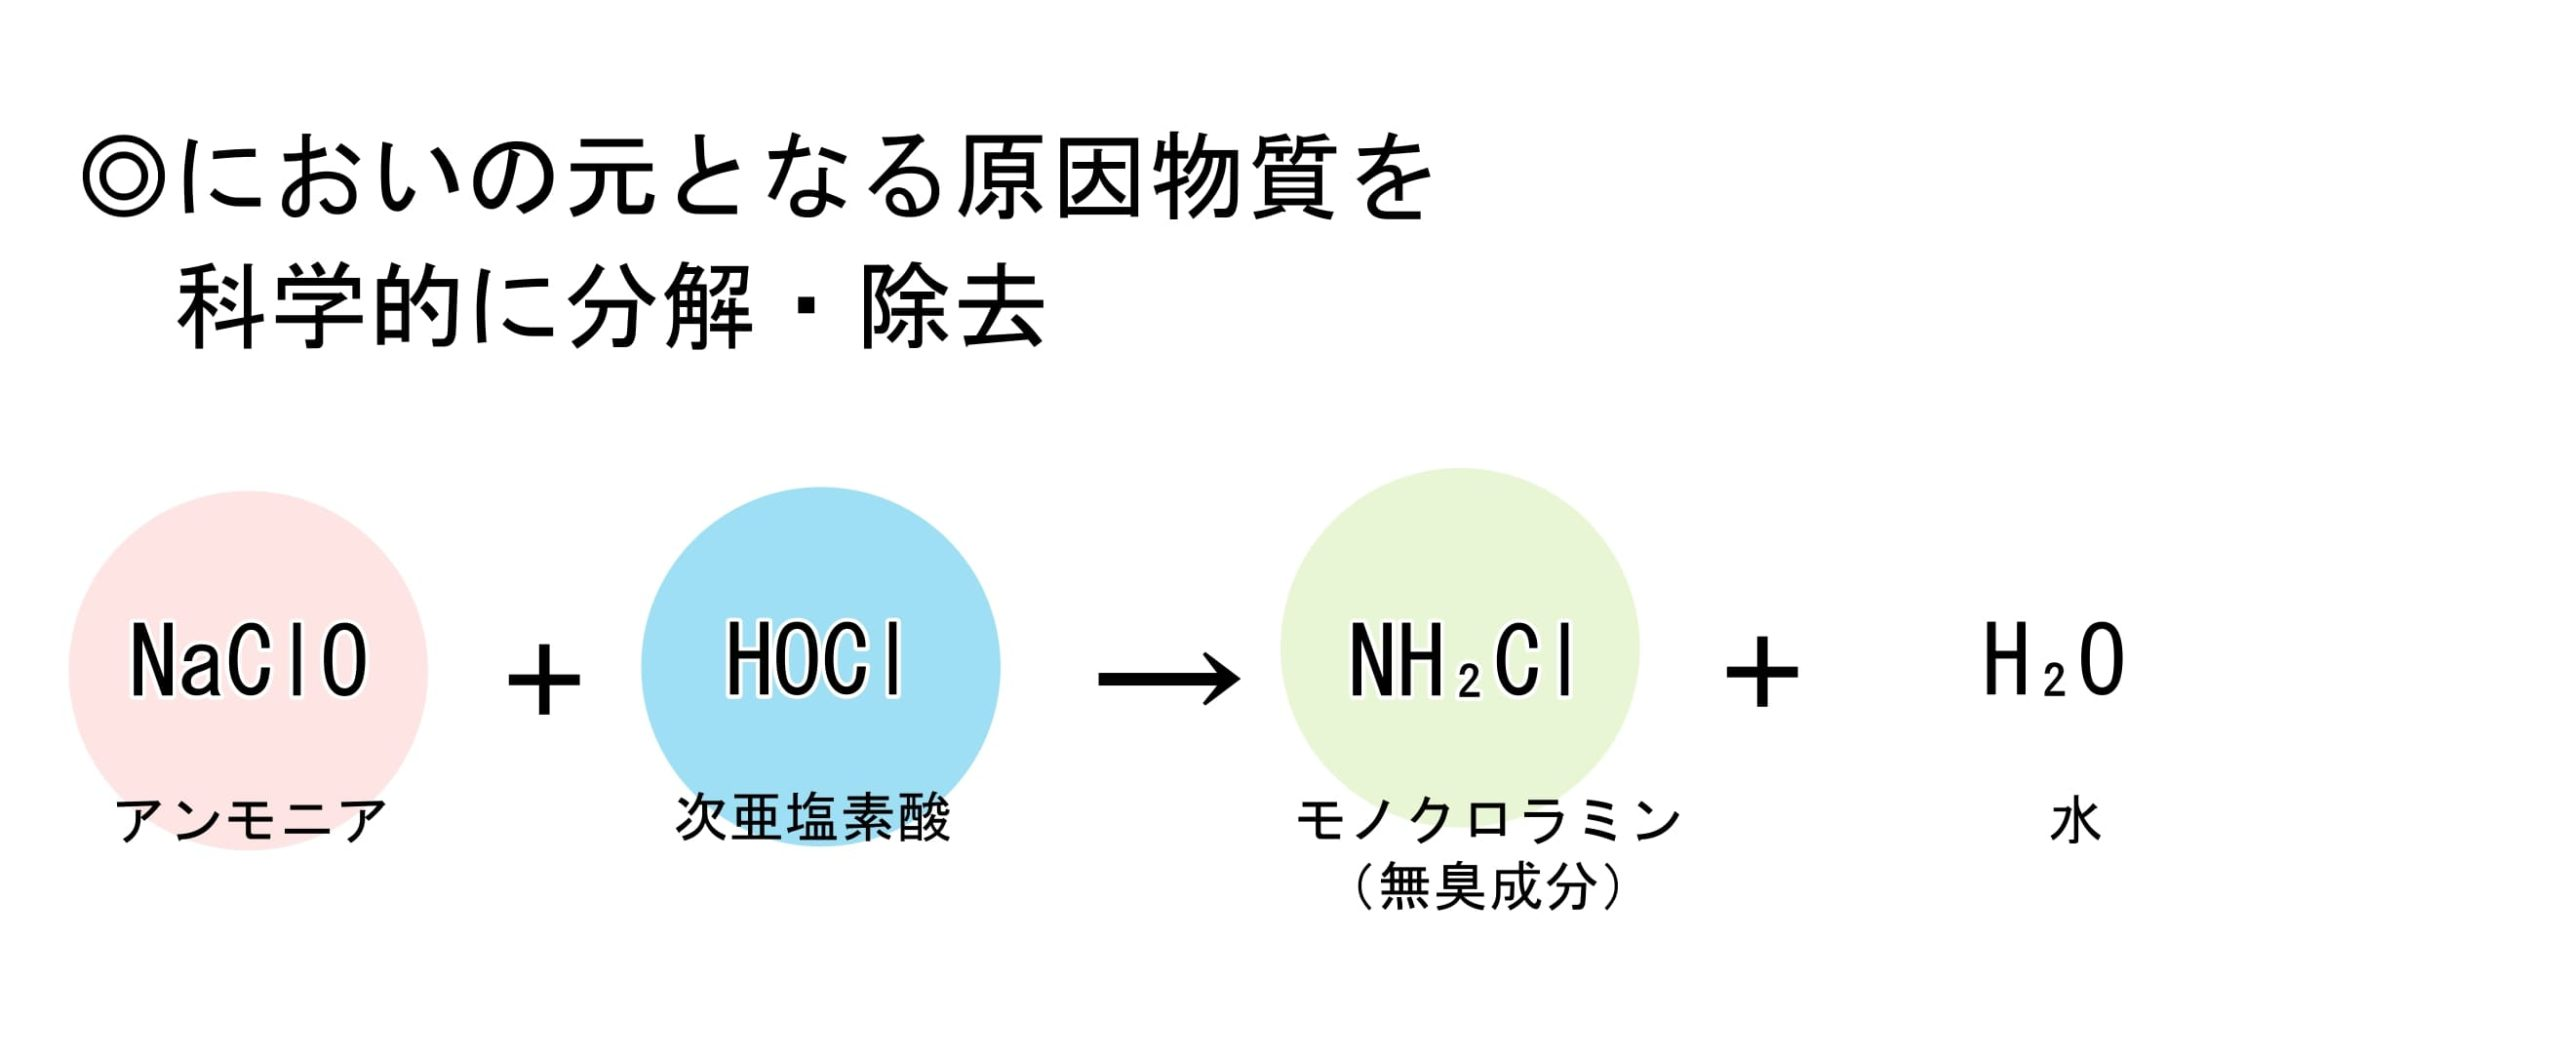 次亜塩素酸による消臭のイメージ